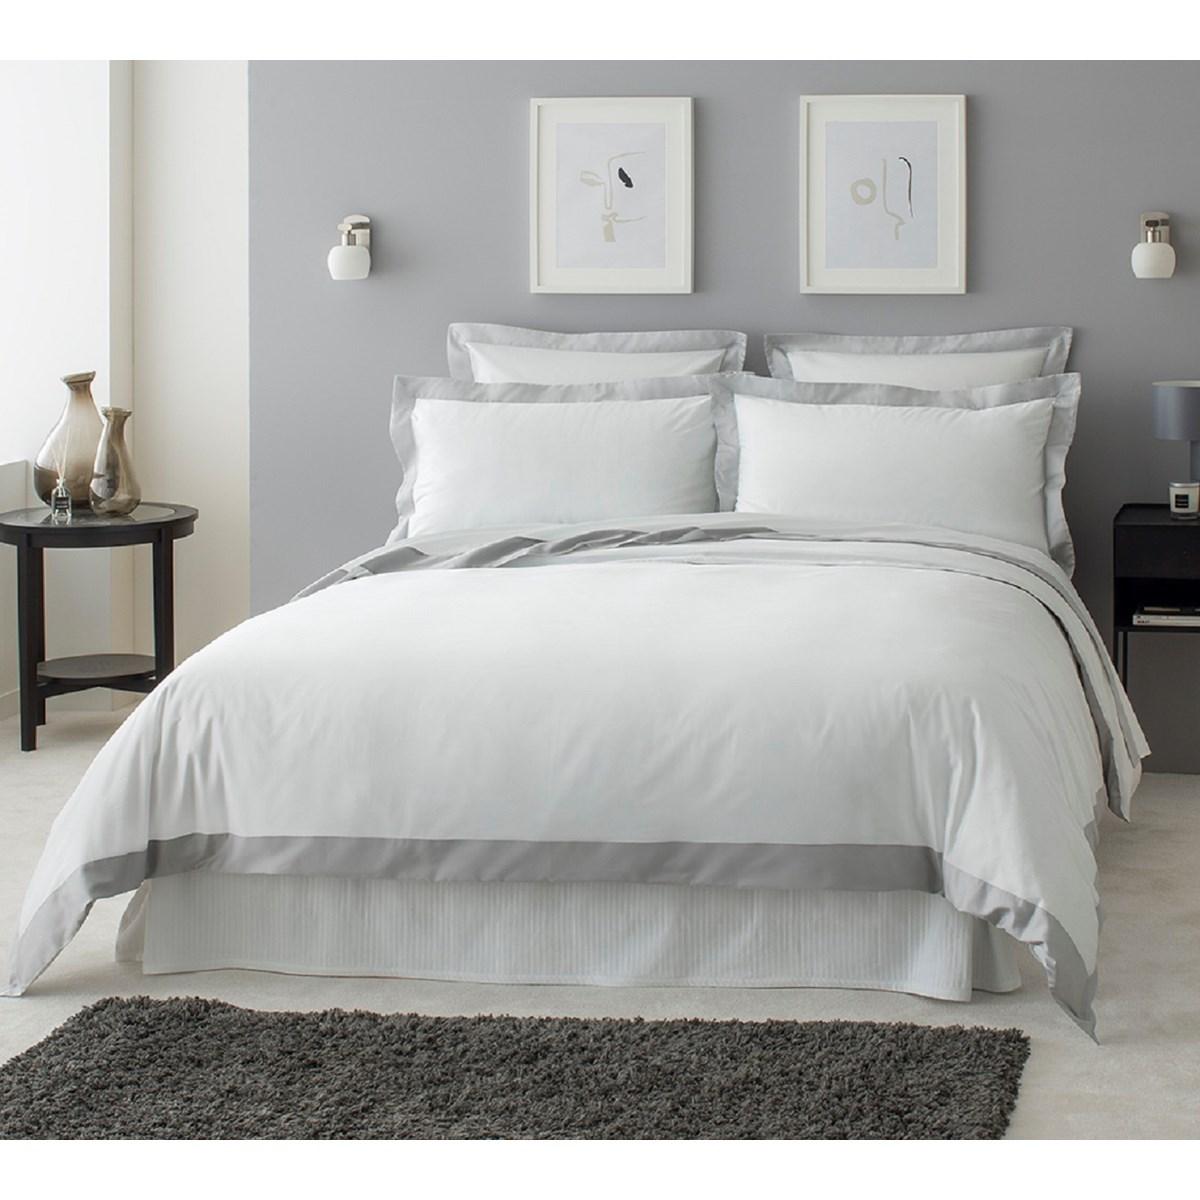 Drap plat luxe en Satin de coton Gris clair 300x310 cm